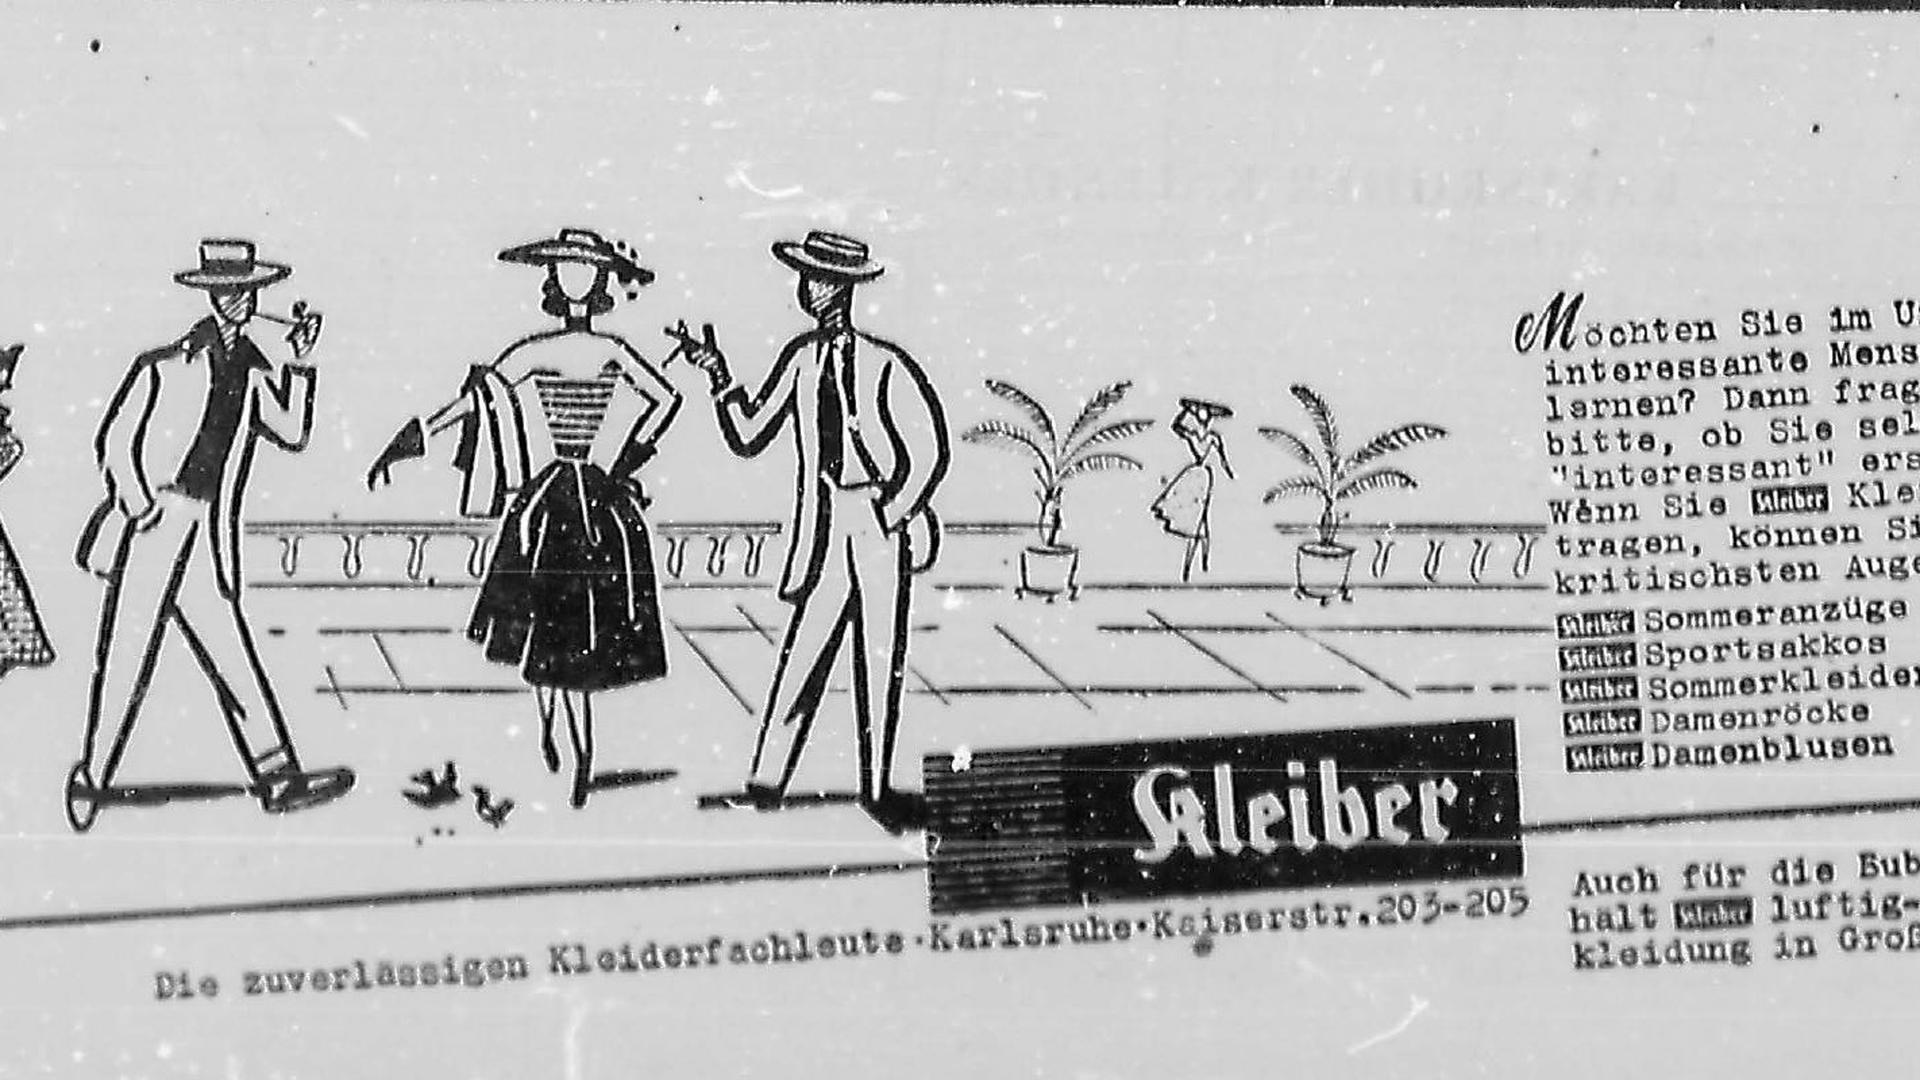 Eine alte Anzeige von 1952 wirbt für Kleiderfachgeschäft Kleiber